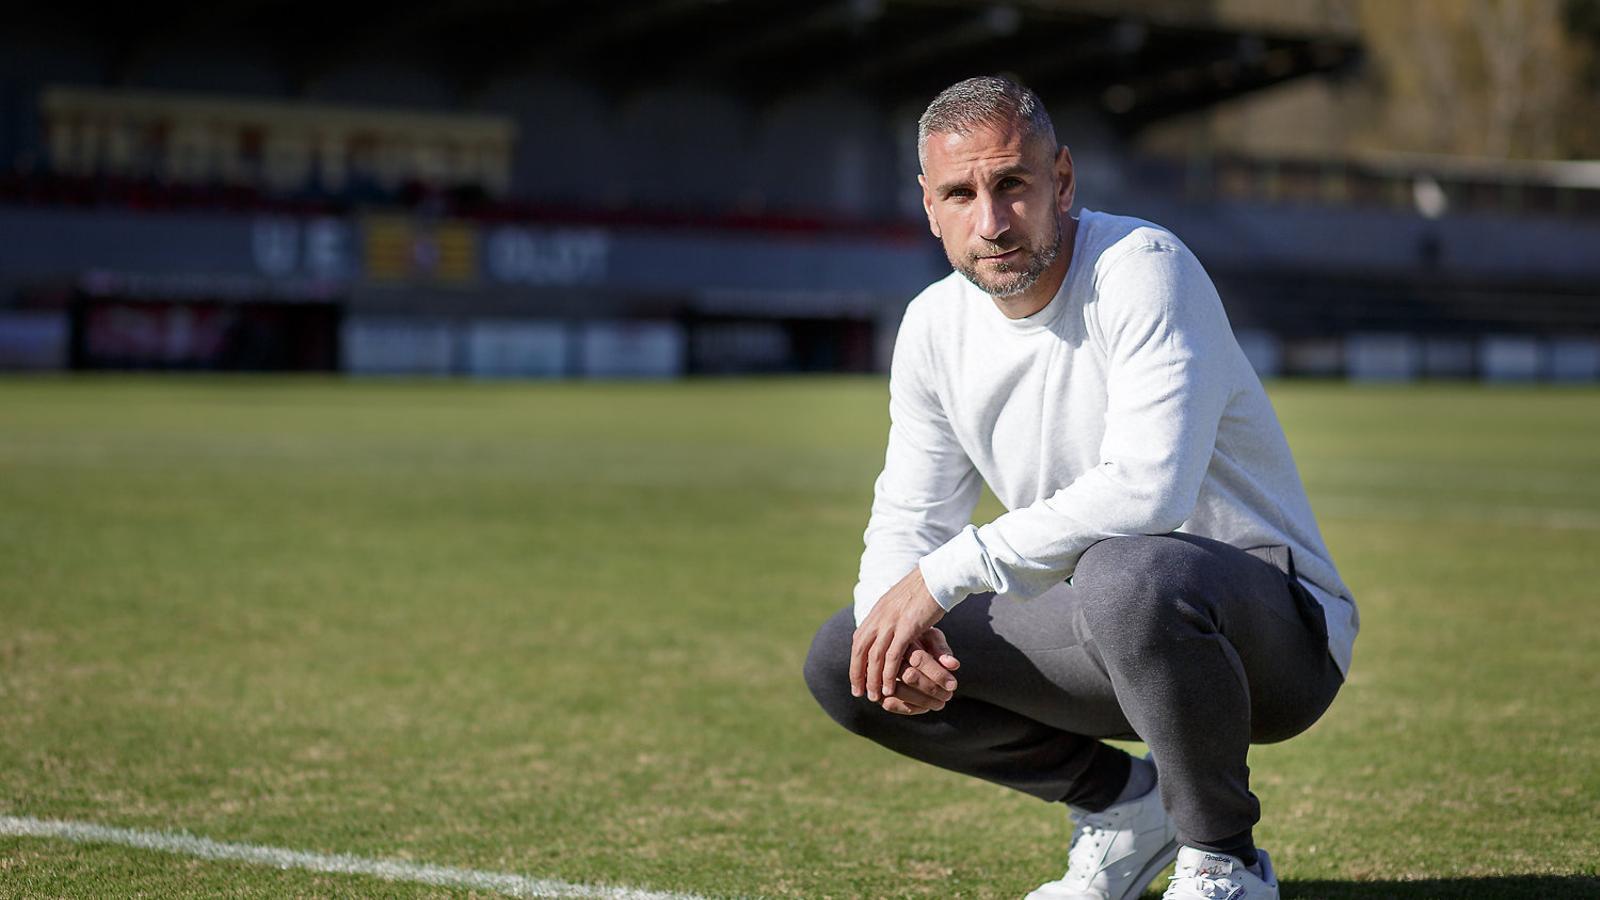 Jose Martínez, actualment capità de l'Olot, va ser un dels herois en el primer triomf del Girona al camp del Betis, ara fa 7 anys.